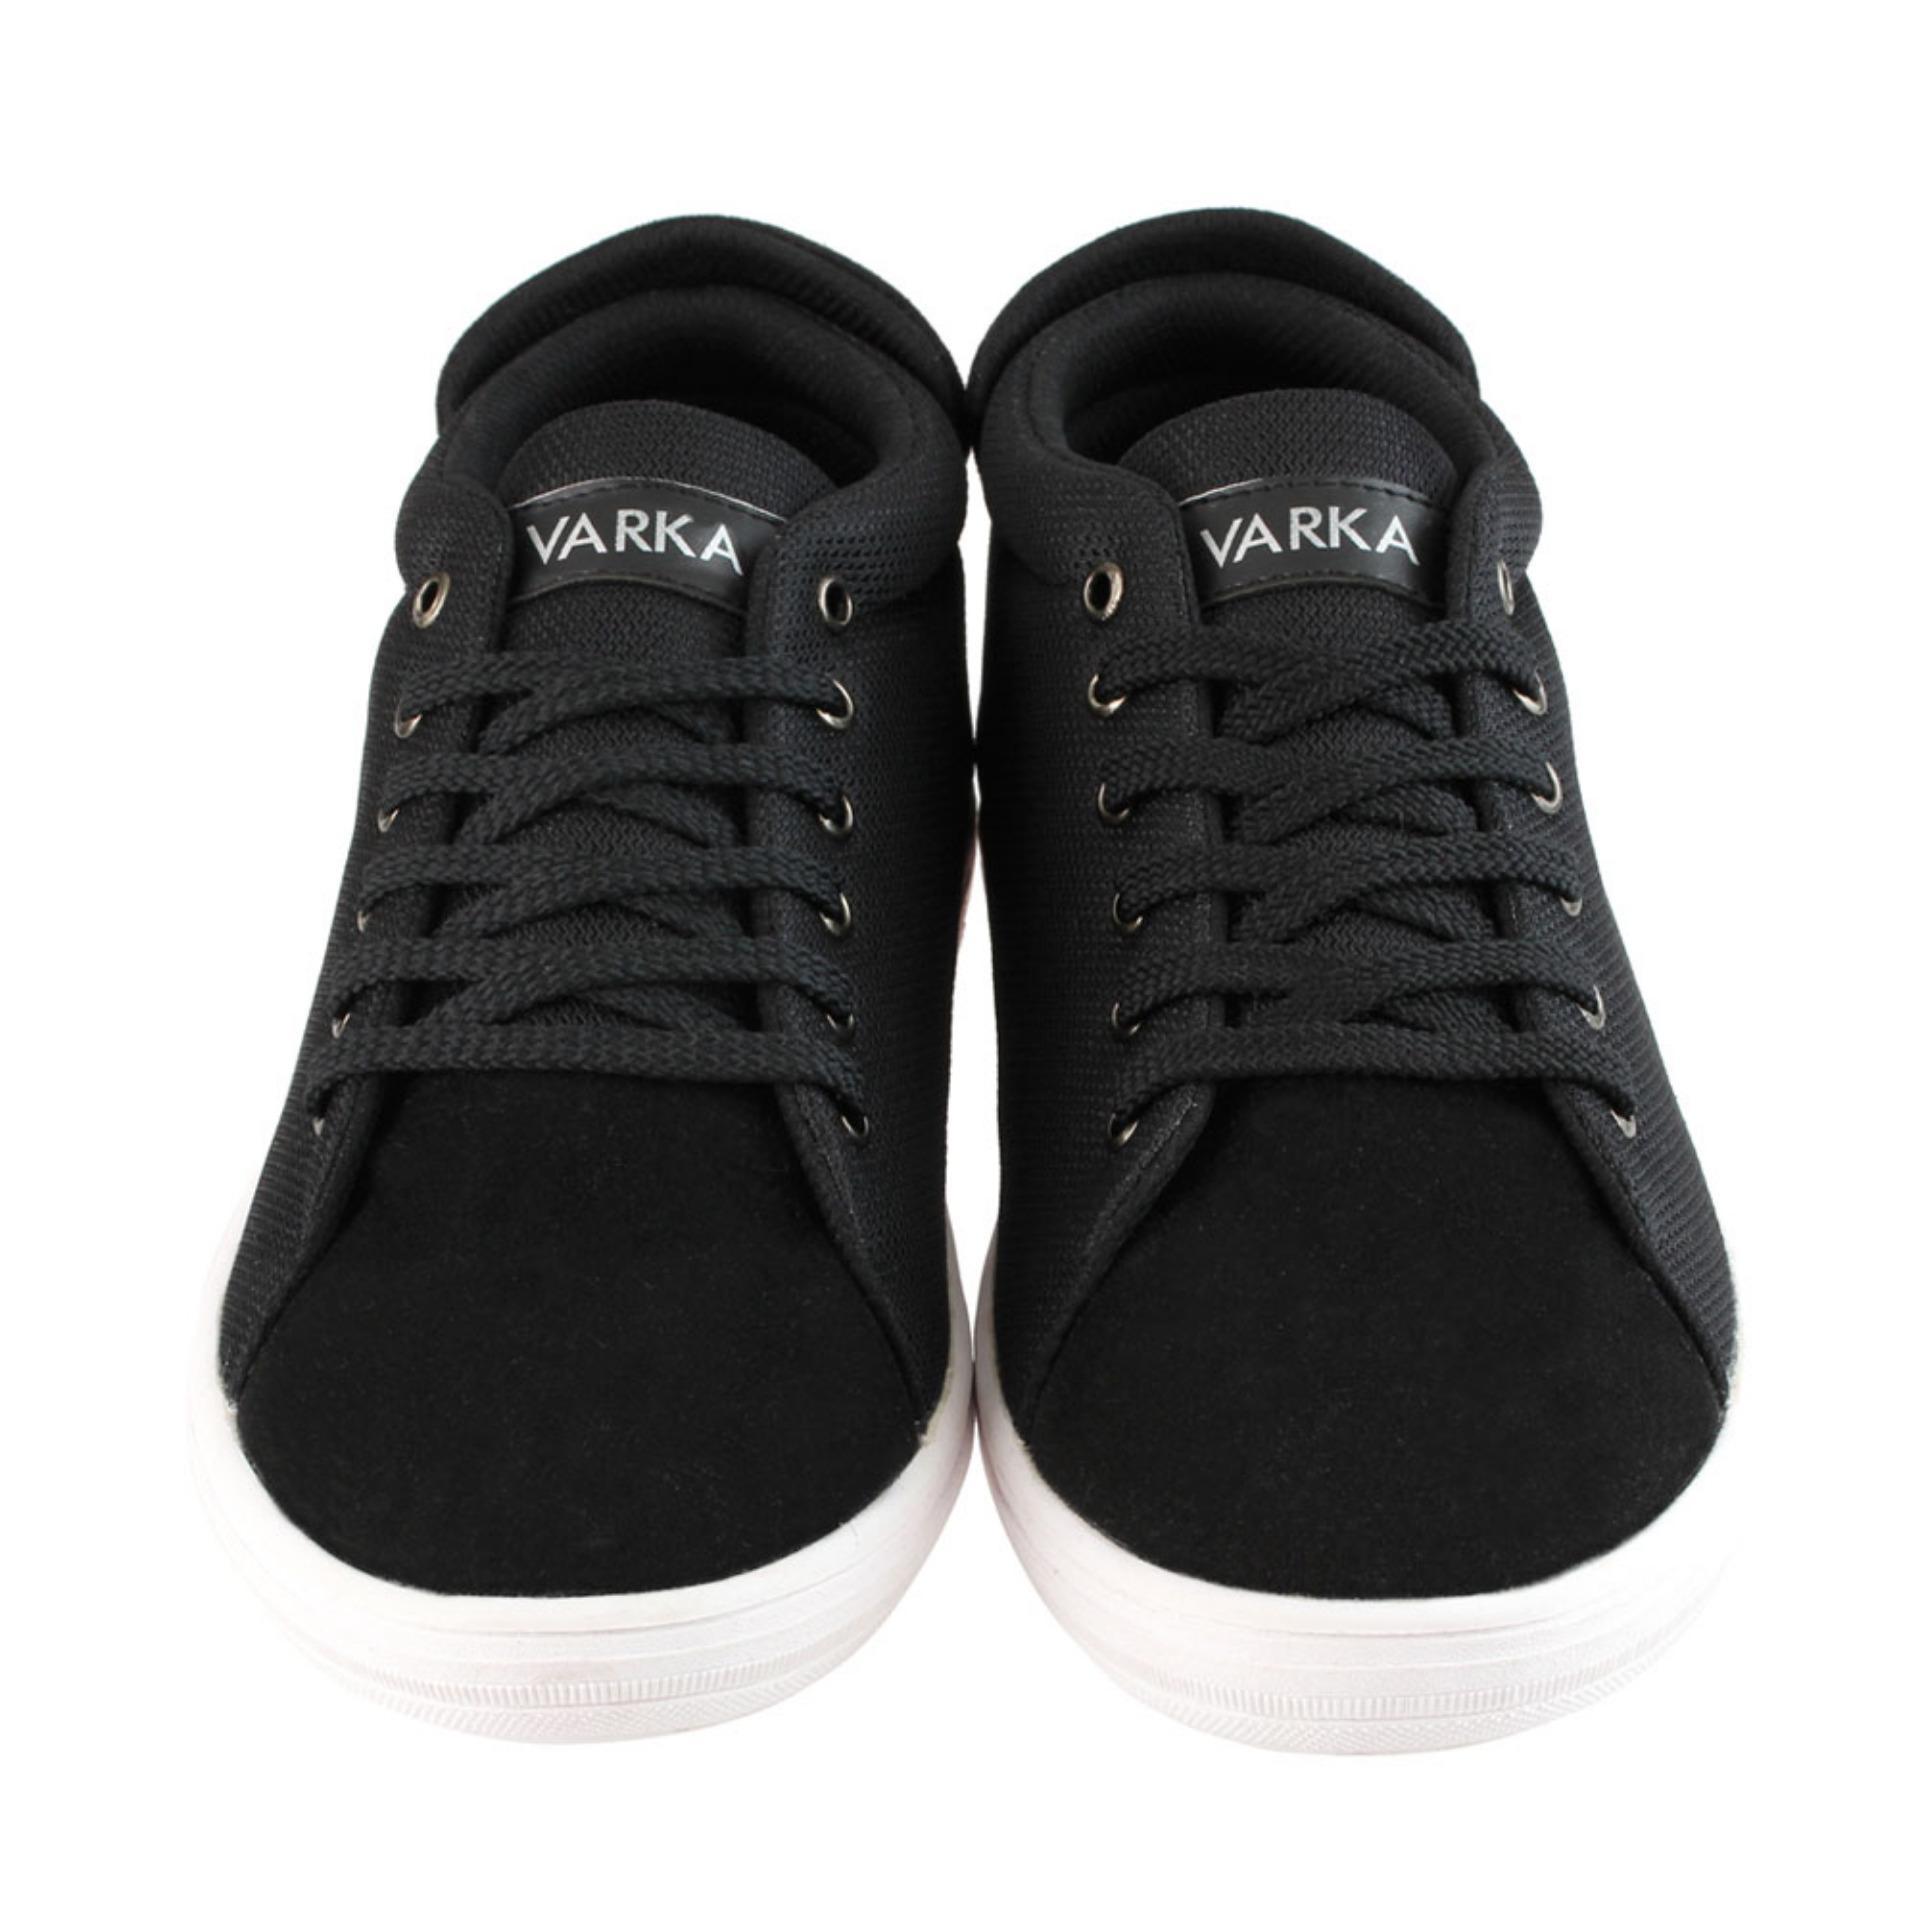 Terbaik Murah Distro Vdb 458 Sepatu Sneaker Kets Dan Kasual Pria Utk Sneakers Santaijalan Kuliah